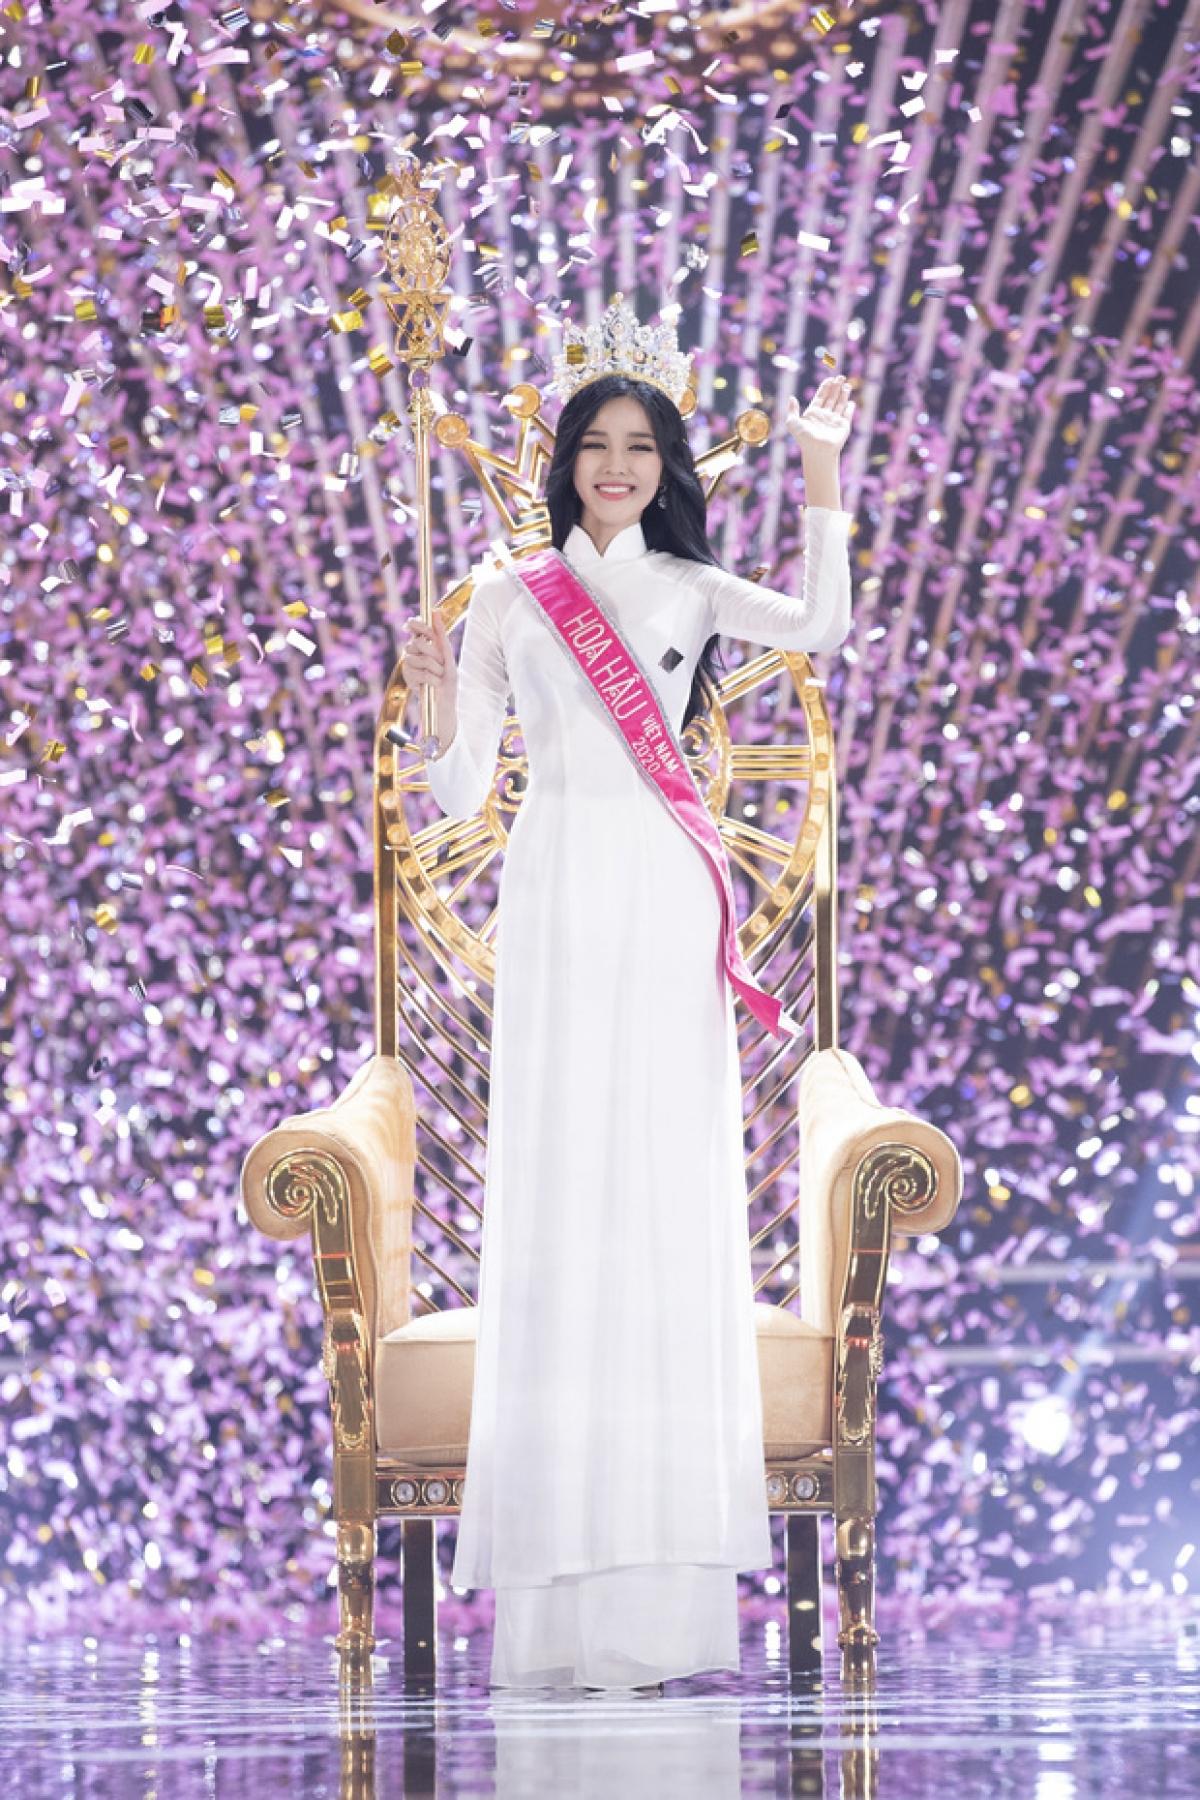 Chủ nhân chiếc vương miện Hoa hậu Việt Nam 2020 đã thuộc về Đỗ Thị Hà. Người đẹp không giấu nổi xúc động trong giây phút được xướng tên ngôi vị cao nhất của cuộc thi Hoa hậu Việt Nam.